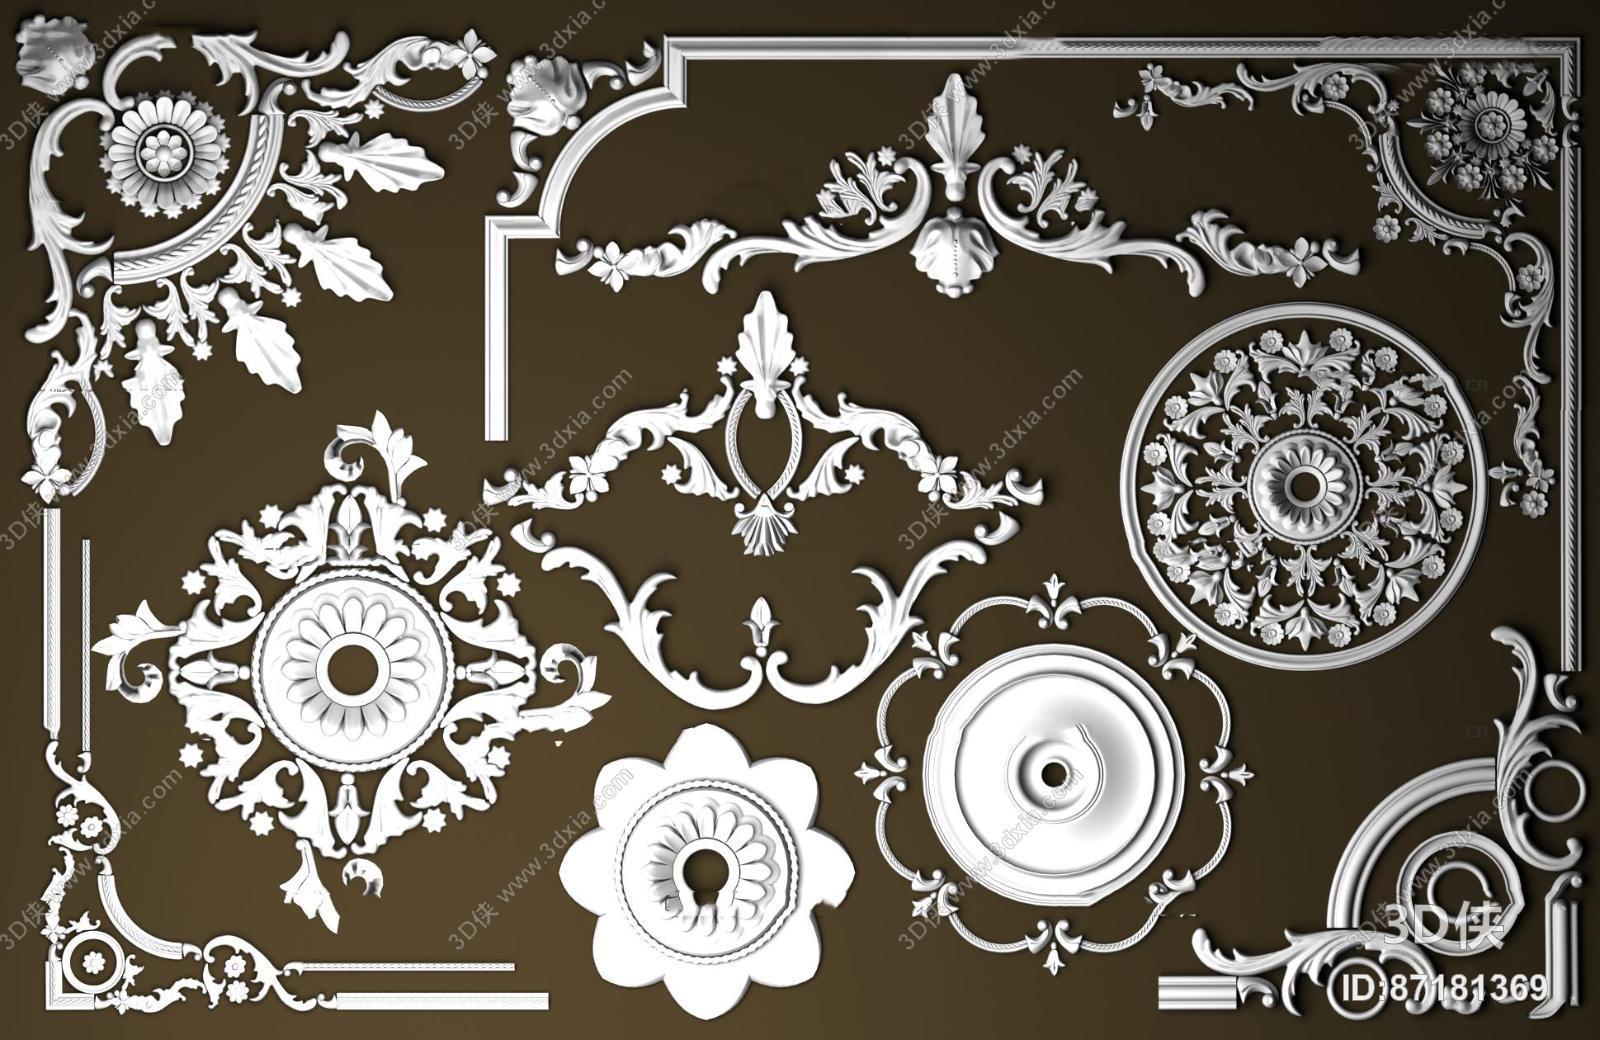 雕花效果图素材免费下载,本作品主题是欧式石膏雕花构件组合3d模型